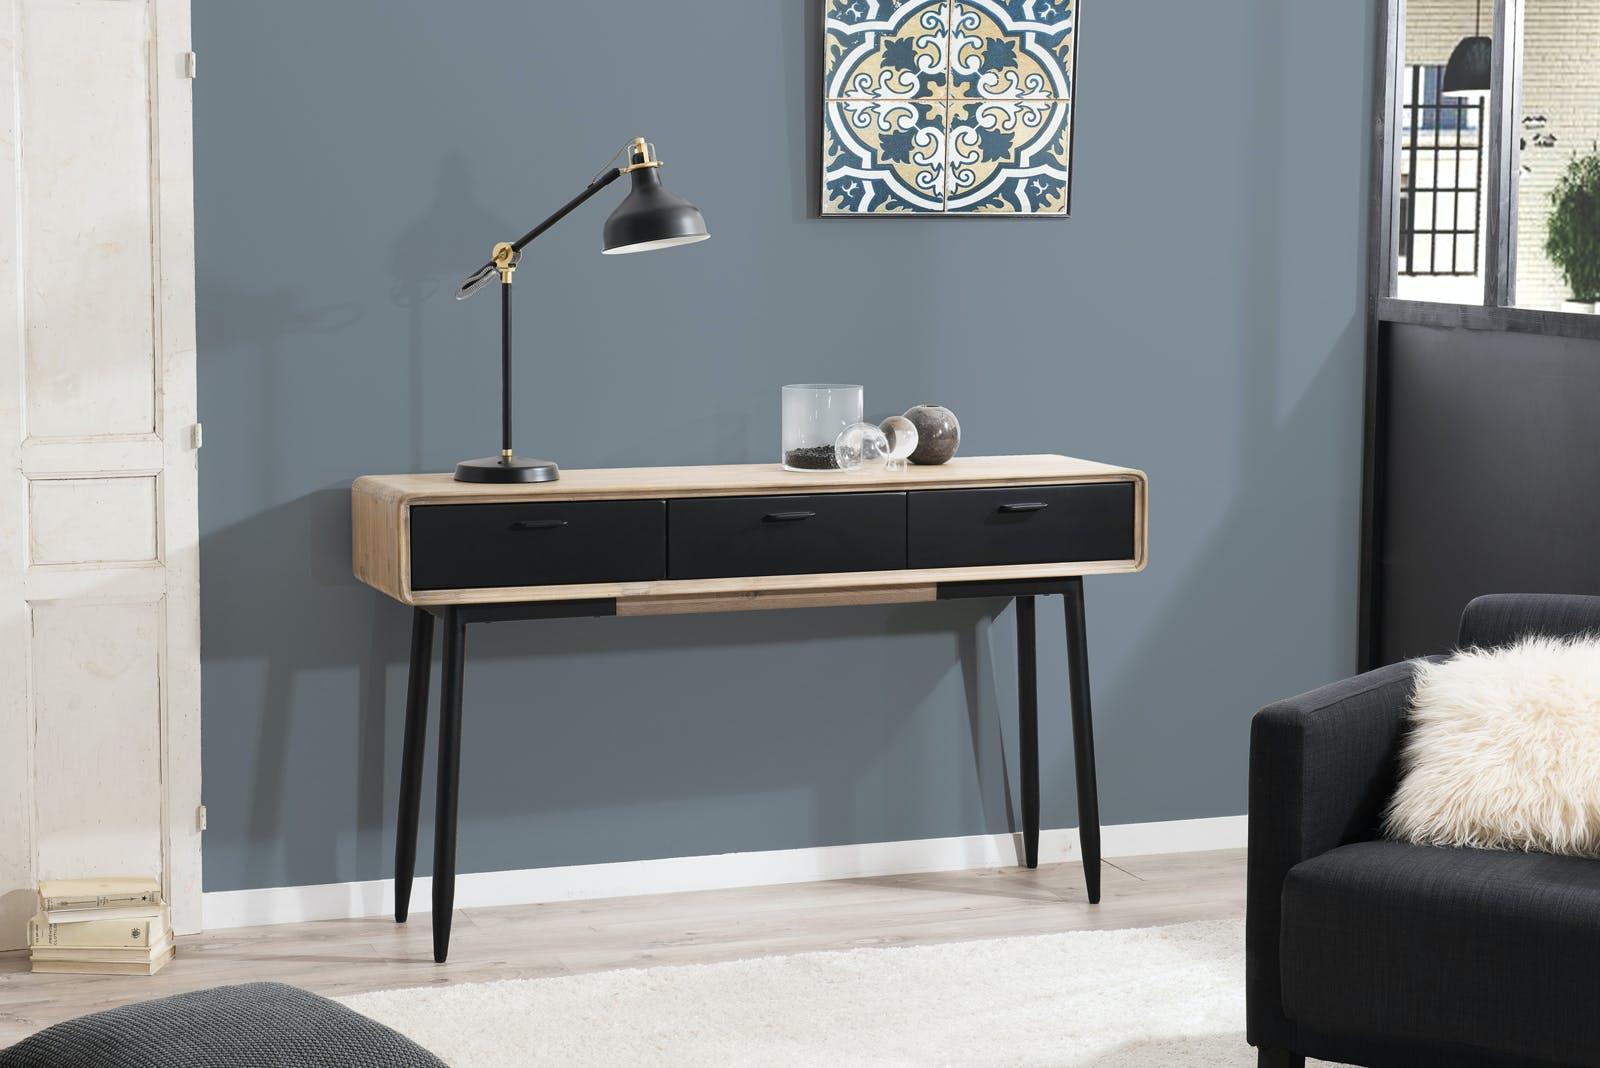 Console en Acacia massif couleur naturelle 3 tiroirs noirs et pieds métal 140x35x80cm PALMEIRA